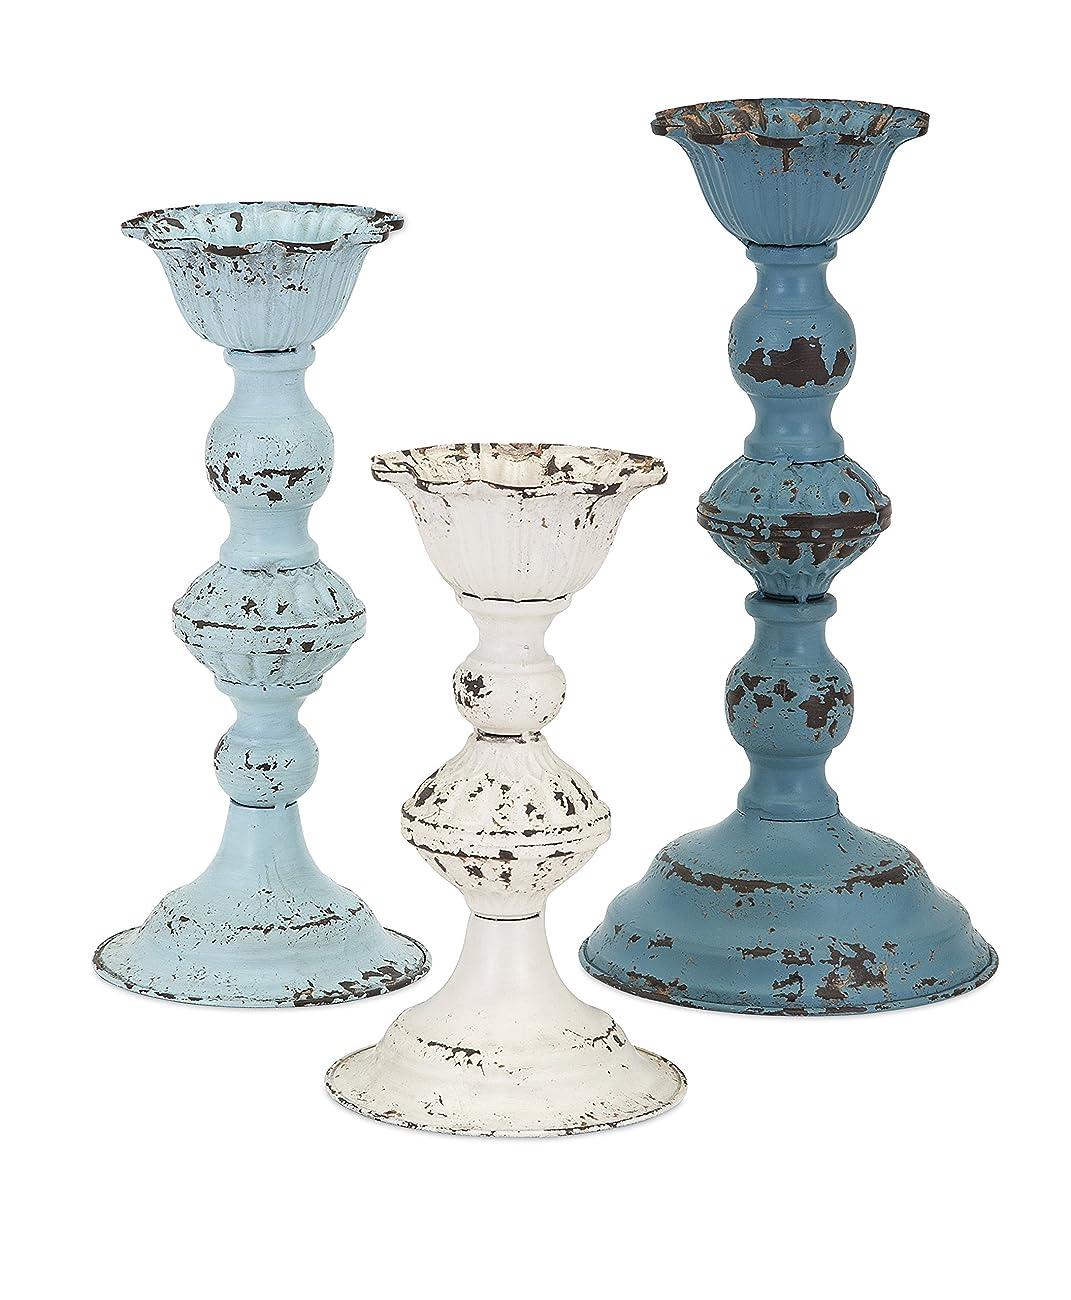 Brugge Vintage Candleholders - Set of 3 0